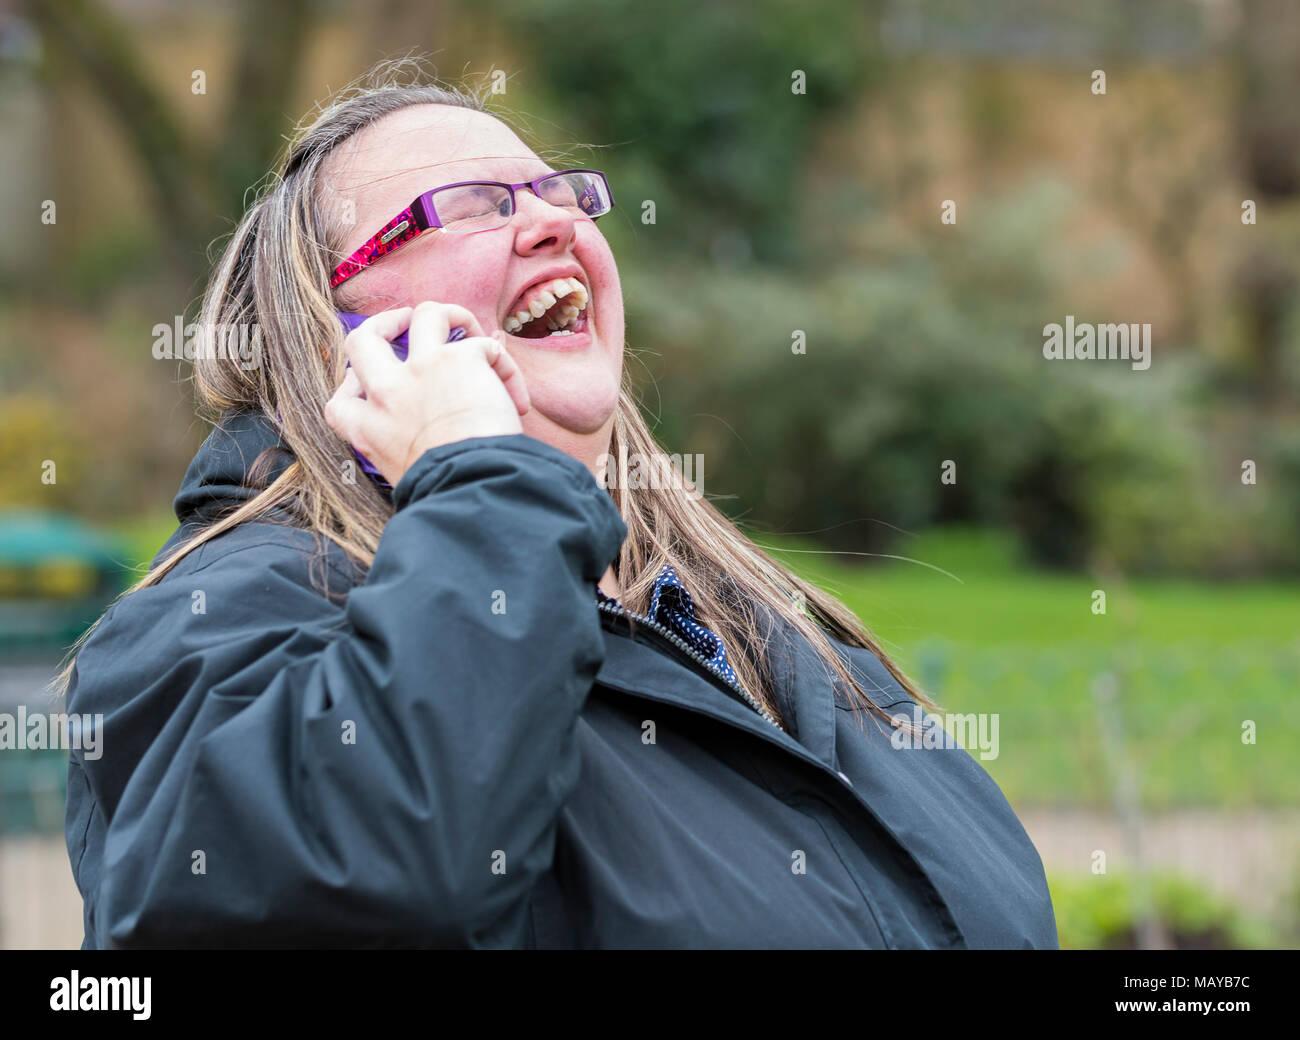 Mujer joven riendo y mirando feliz mientras disfruta de una conversación telefónica con un amigo. Concepto de felicidad. Tener una risa. Riendo con los amigos. Imagen De Stock